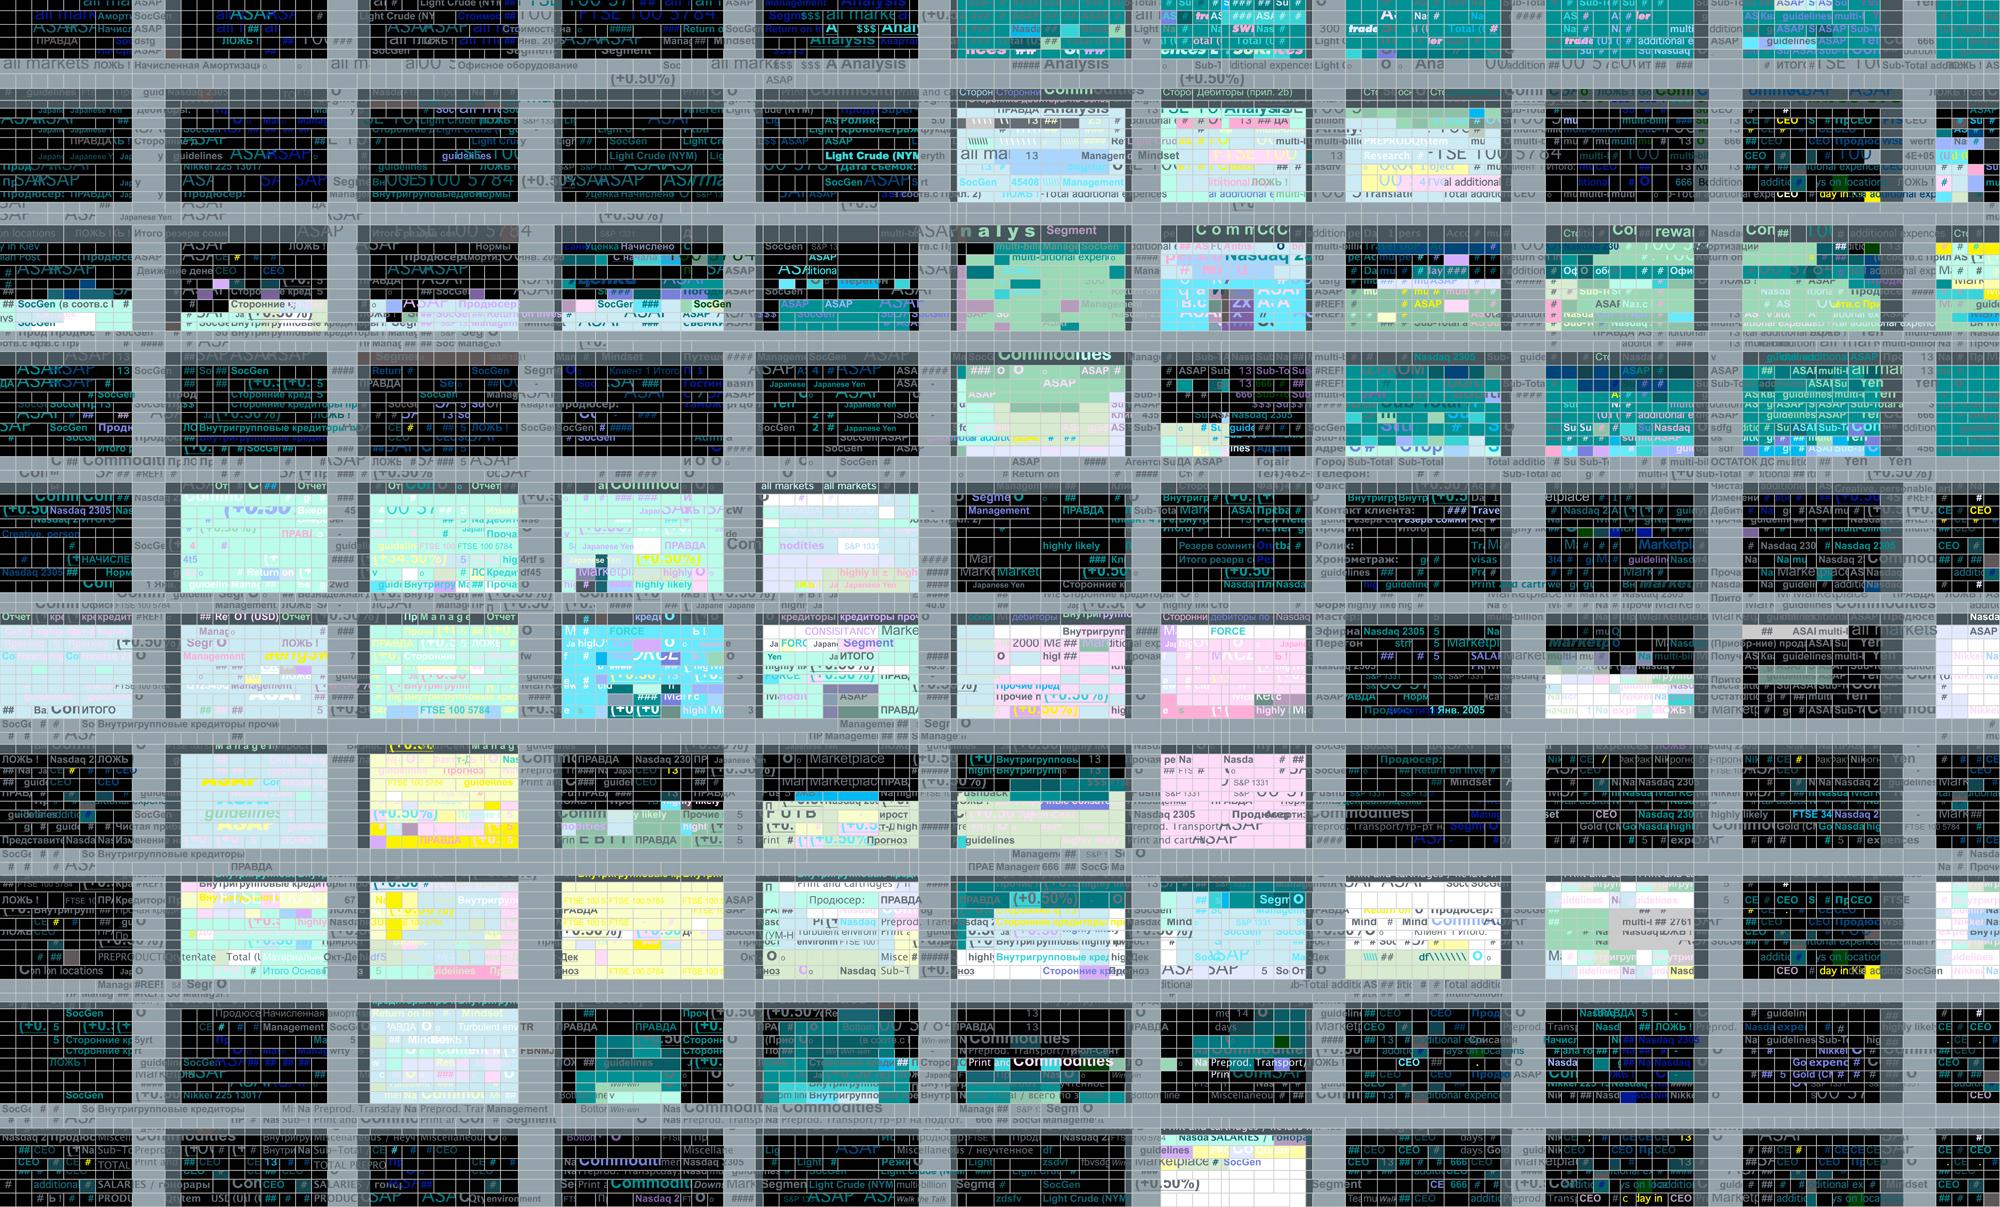 110 windows